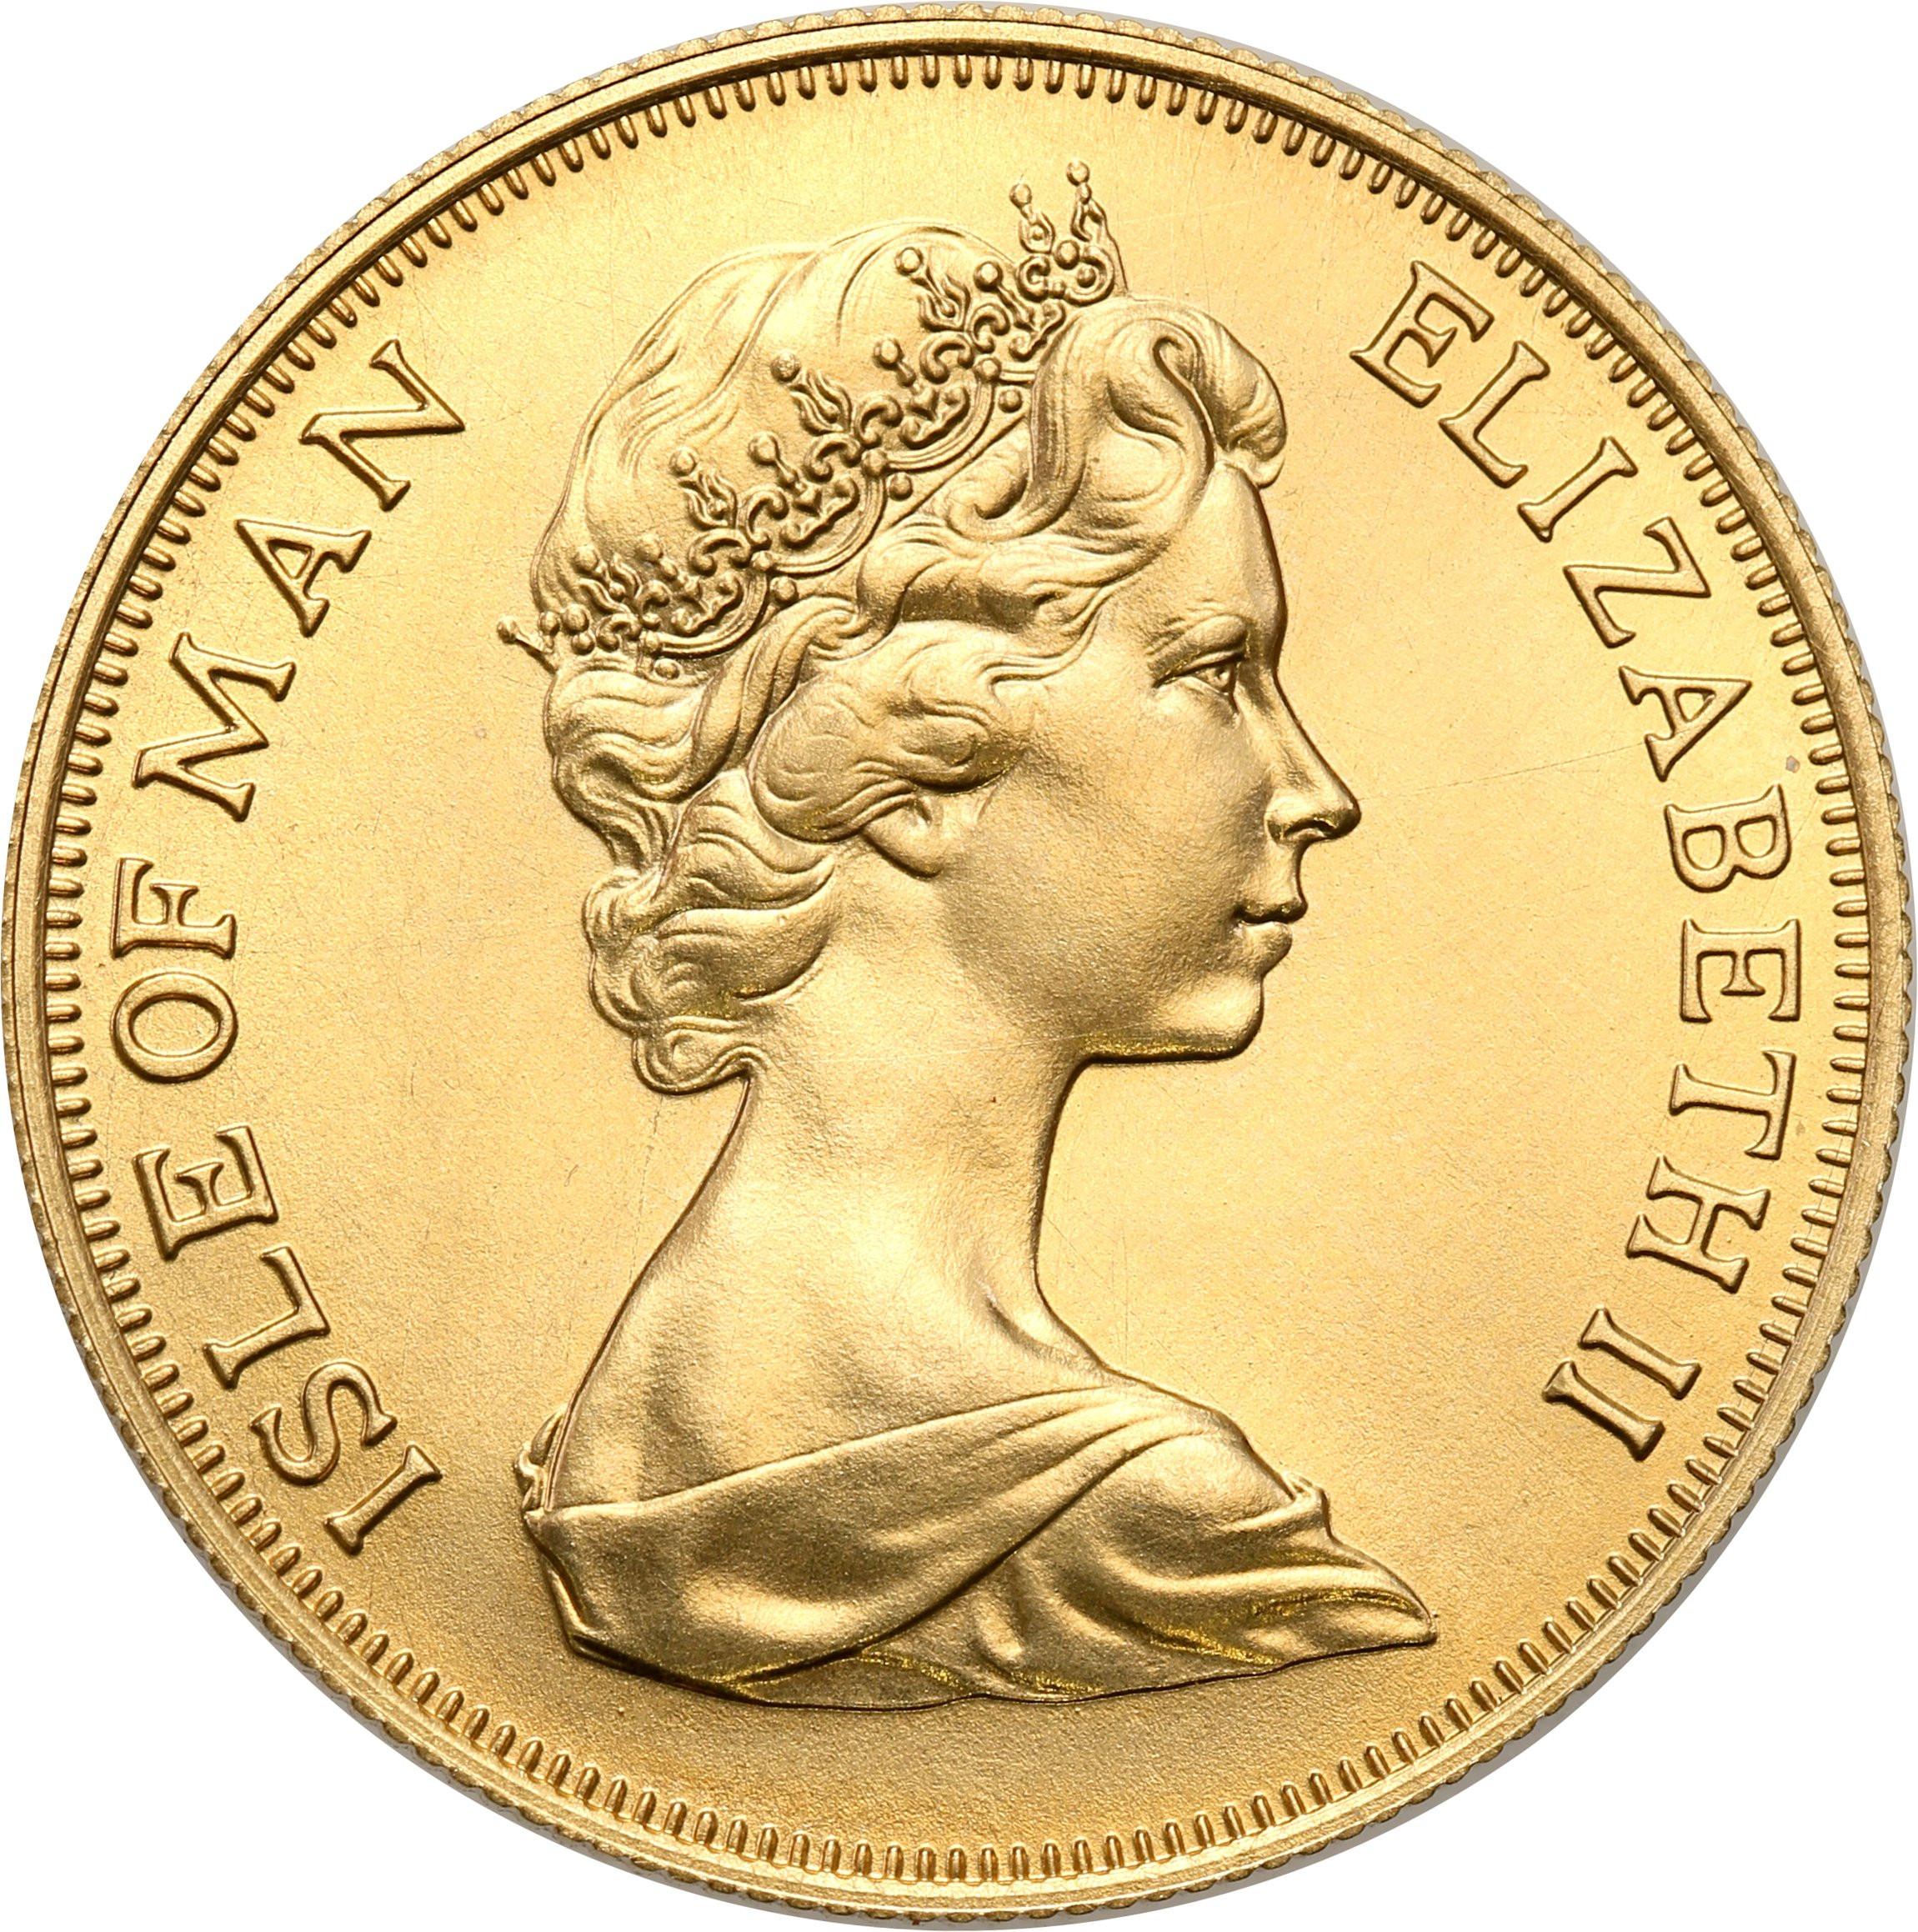 Isle of Man. Elżbieta II. 2 suwereny (funty) 1973 – Złoto